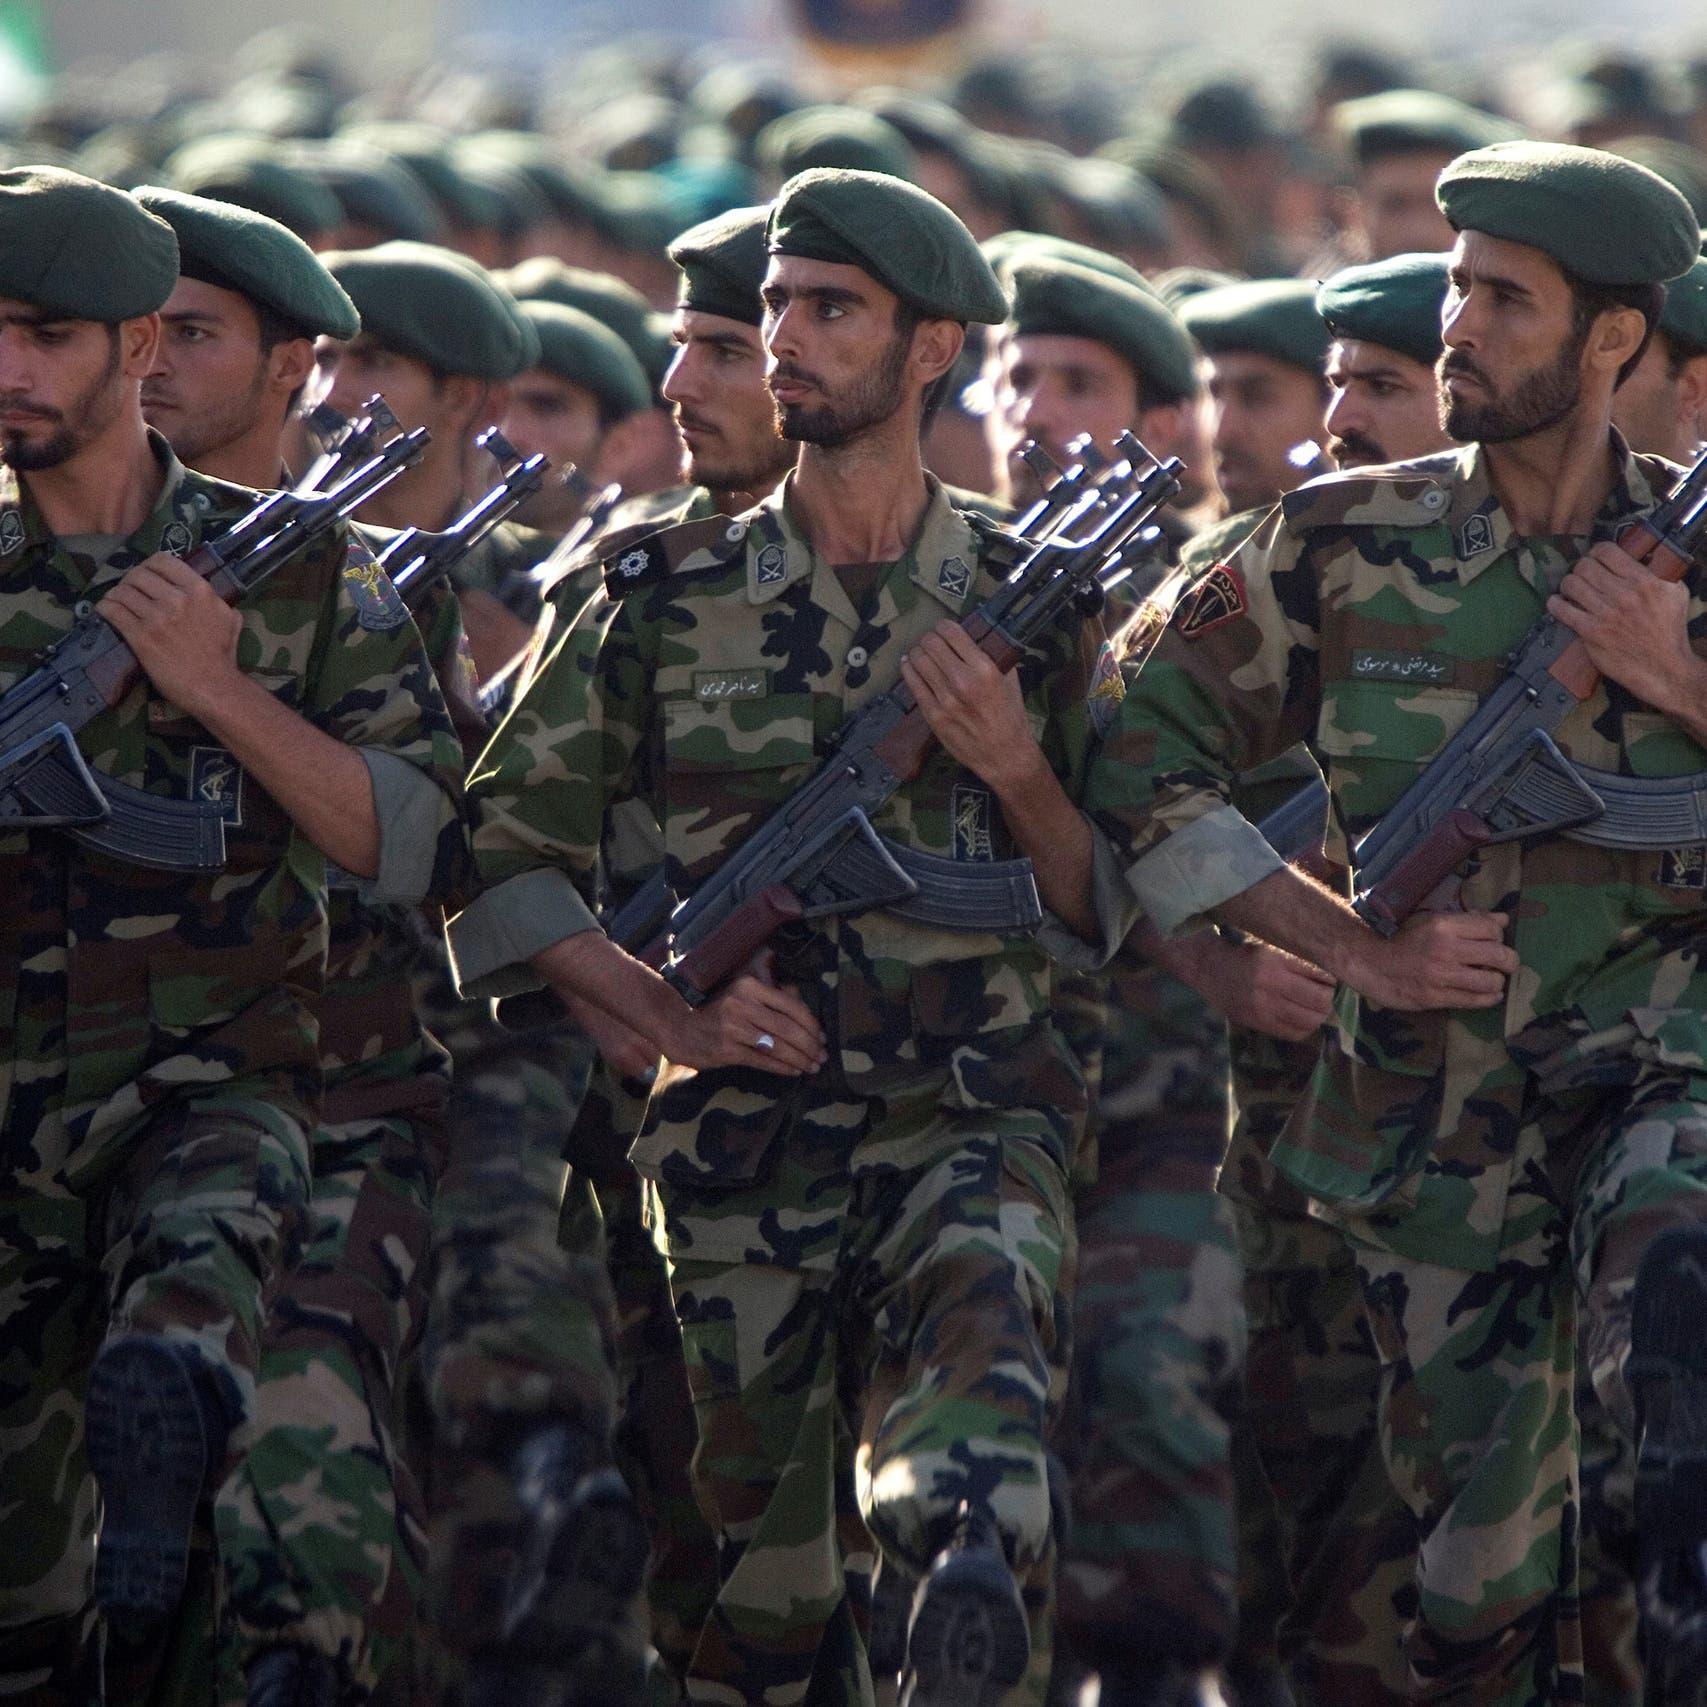 اغتيال عنصر بالحرس الثوري في كردستان الإيرانية